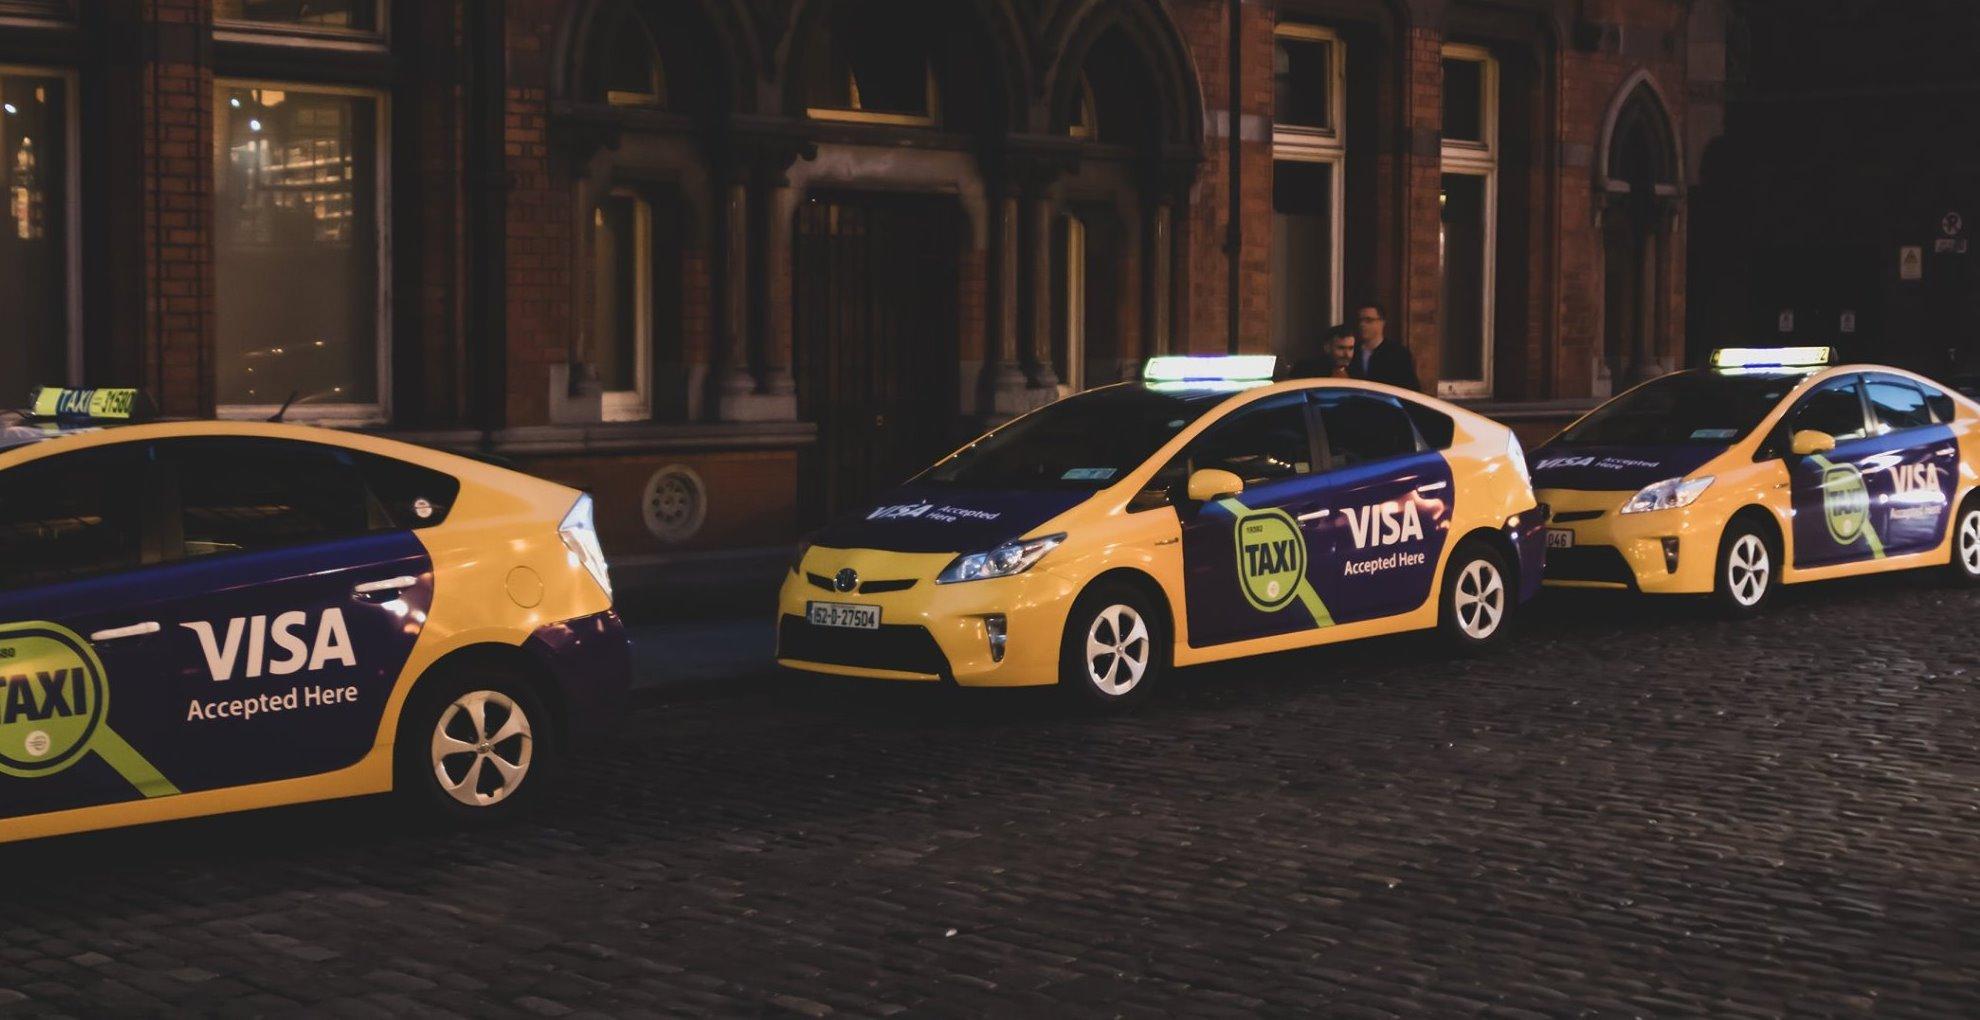 taxi ads fleet temple bar